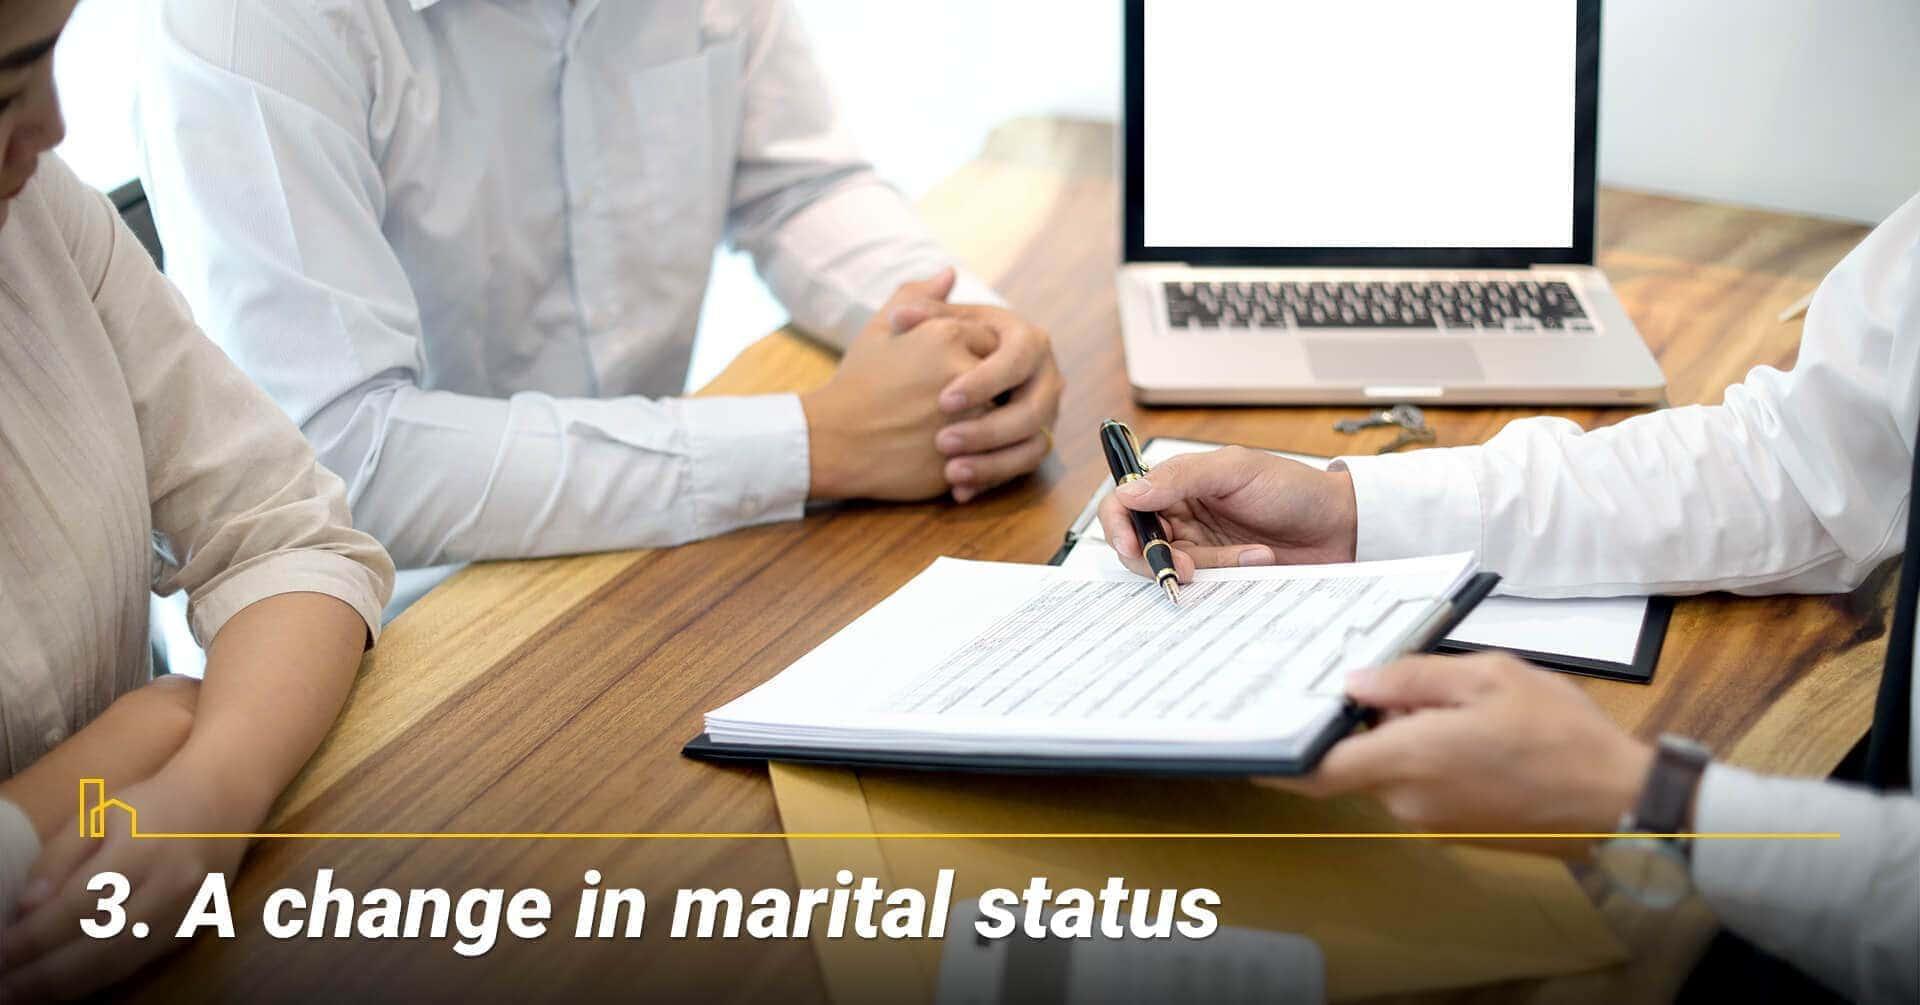 A change in marital status